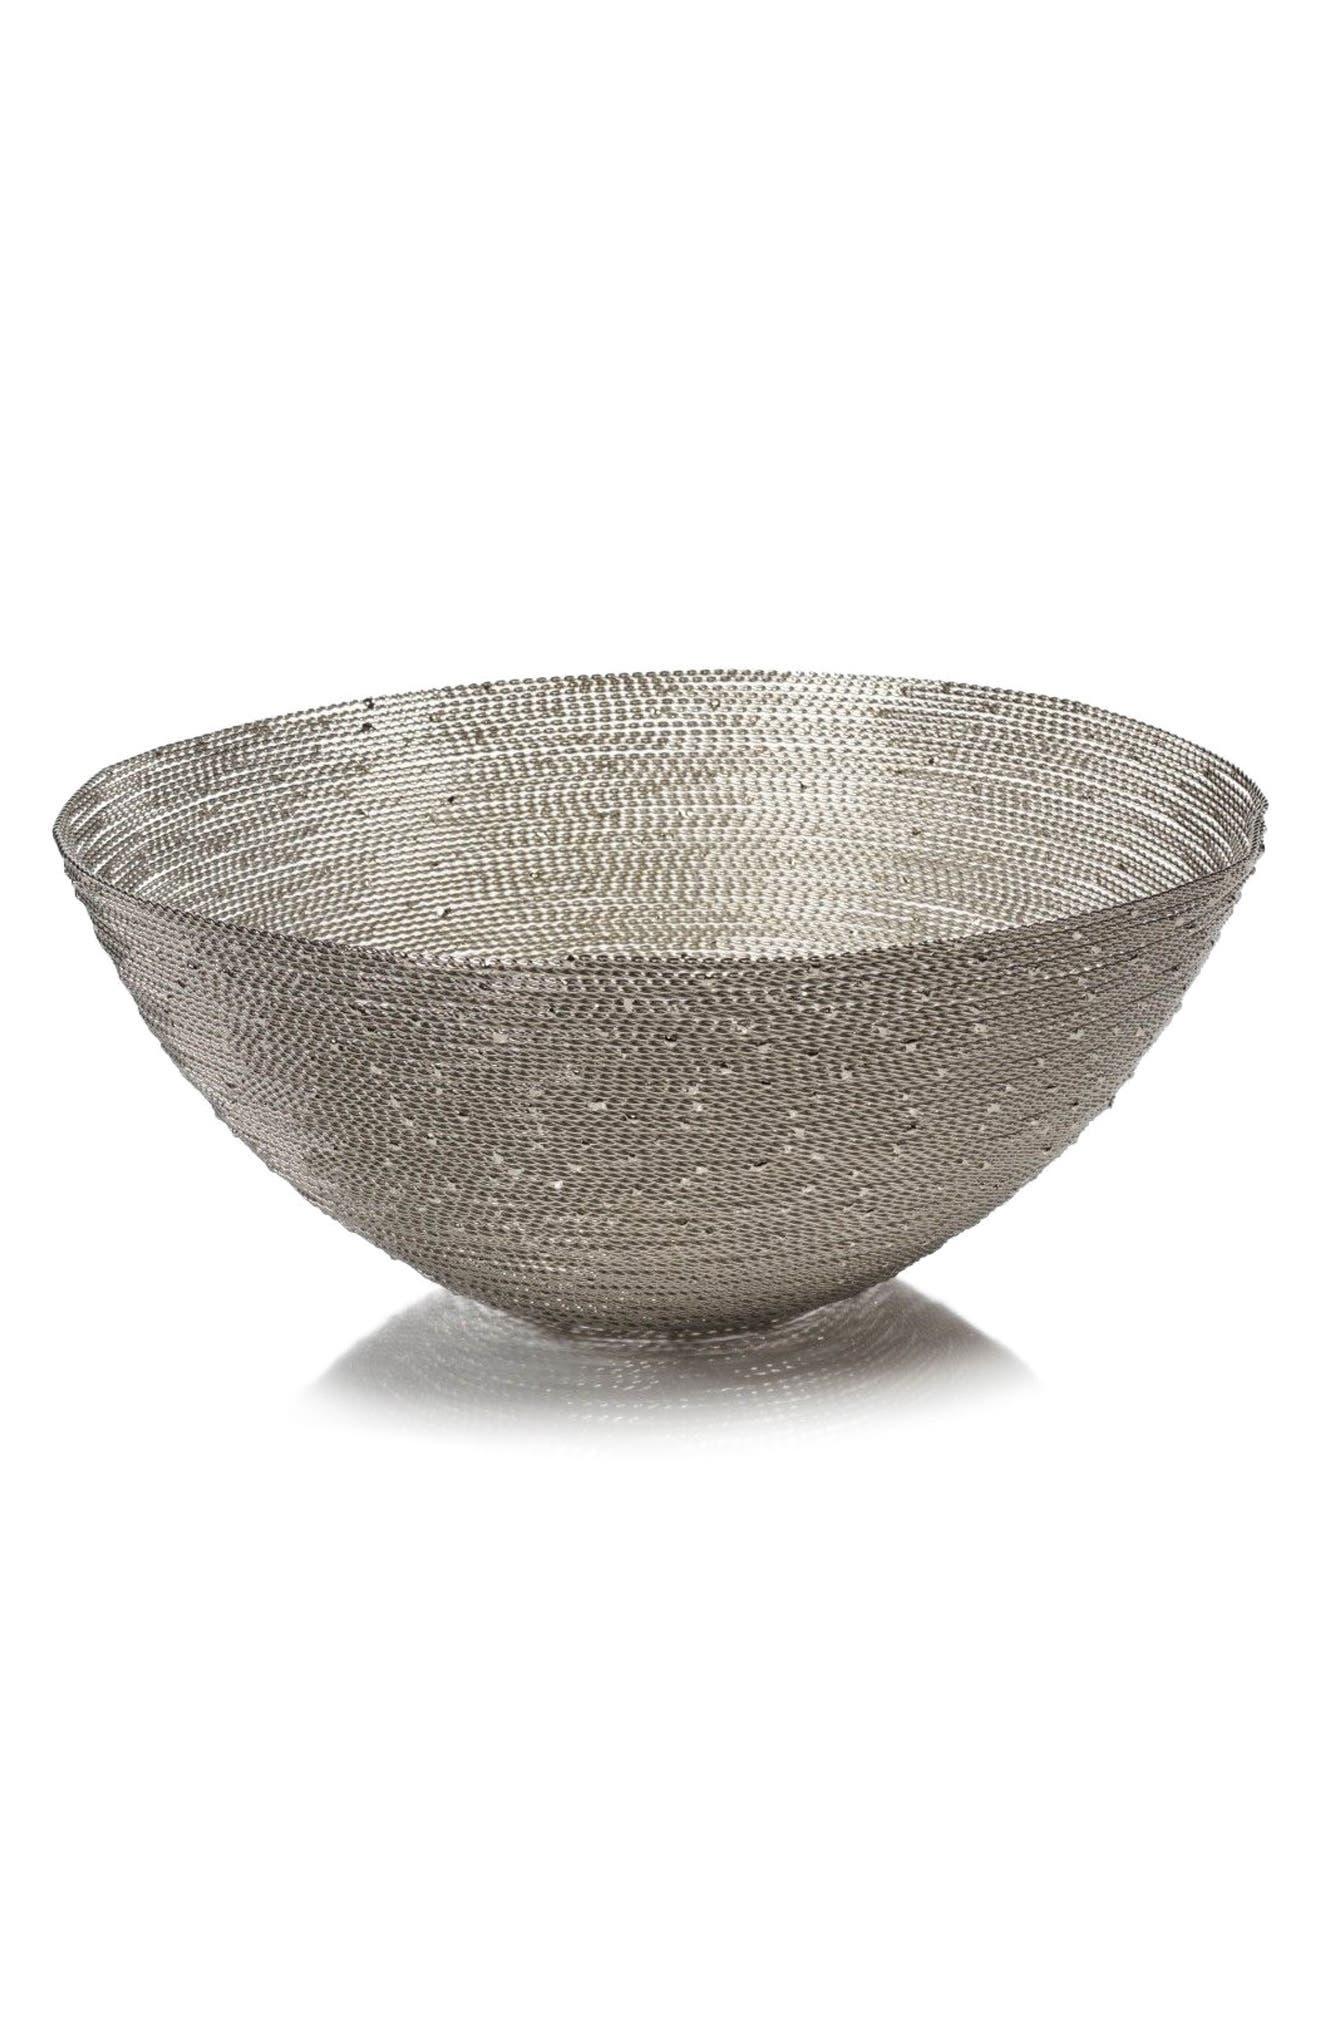 Main Image - Zodax Zulu Round Woven Wire Basket